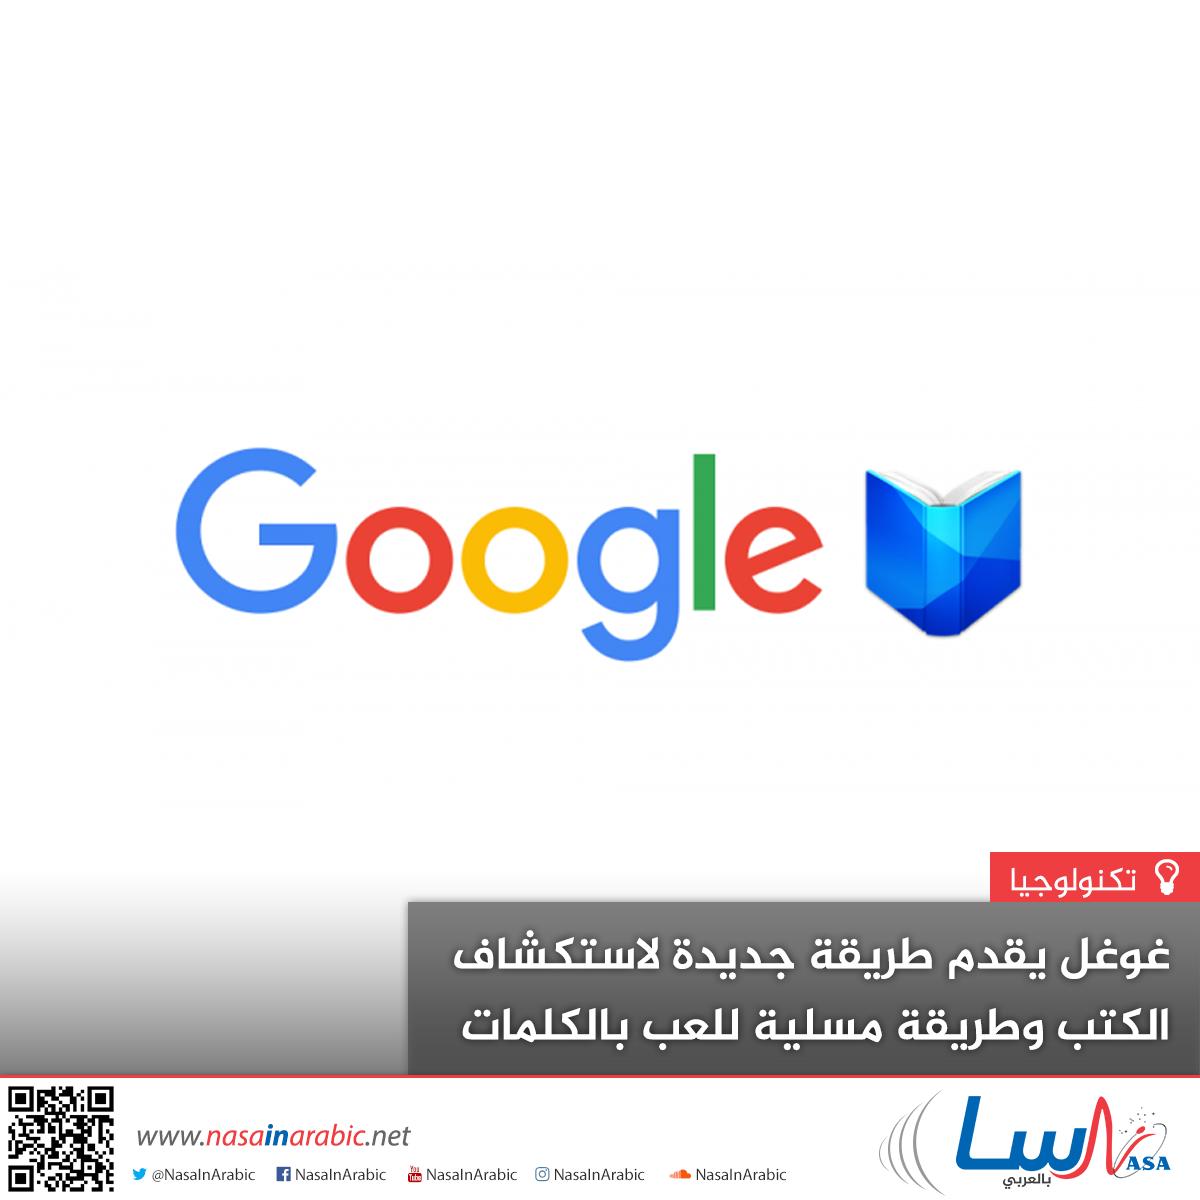 غوغل يقدم طريقة جديدة لاستكشاف الكتب وطريقة مسلية للعب بالكلمات